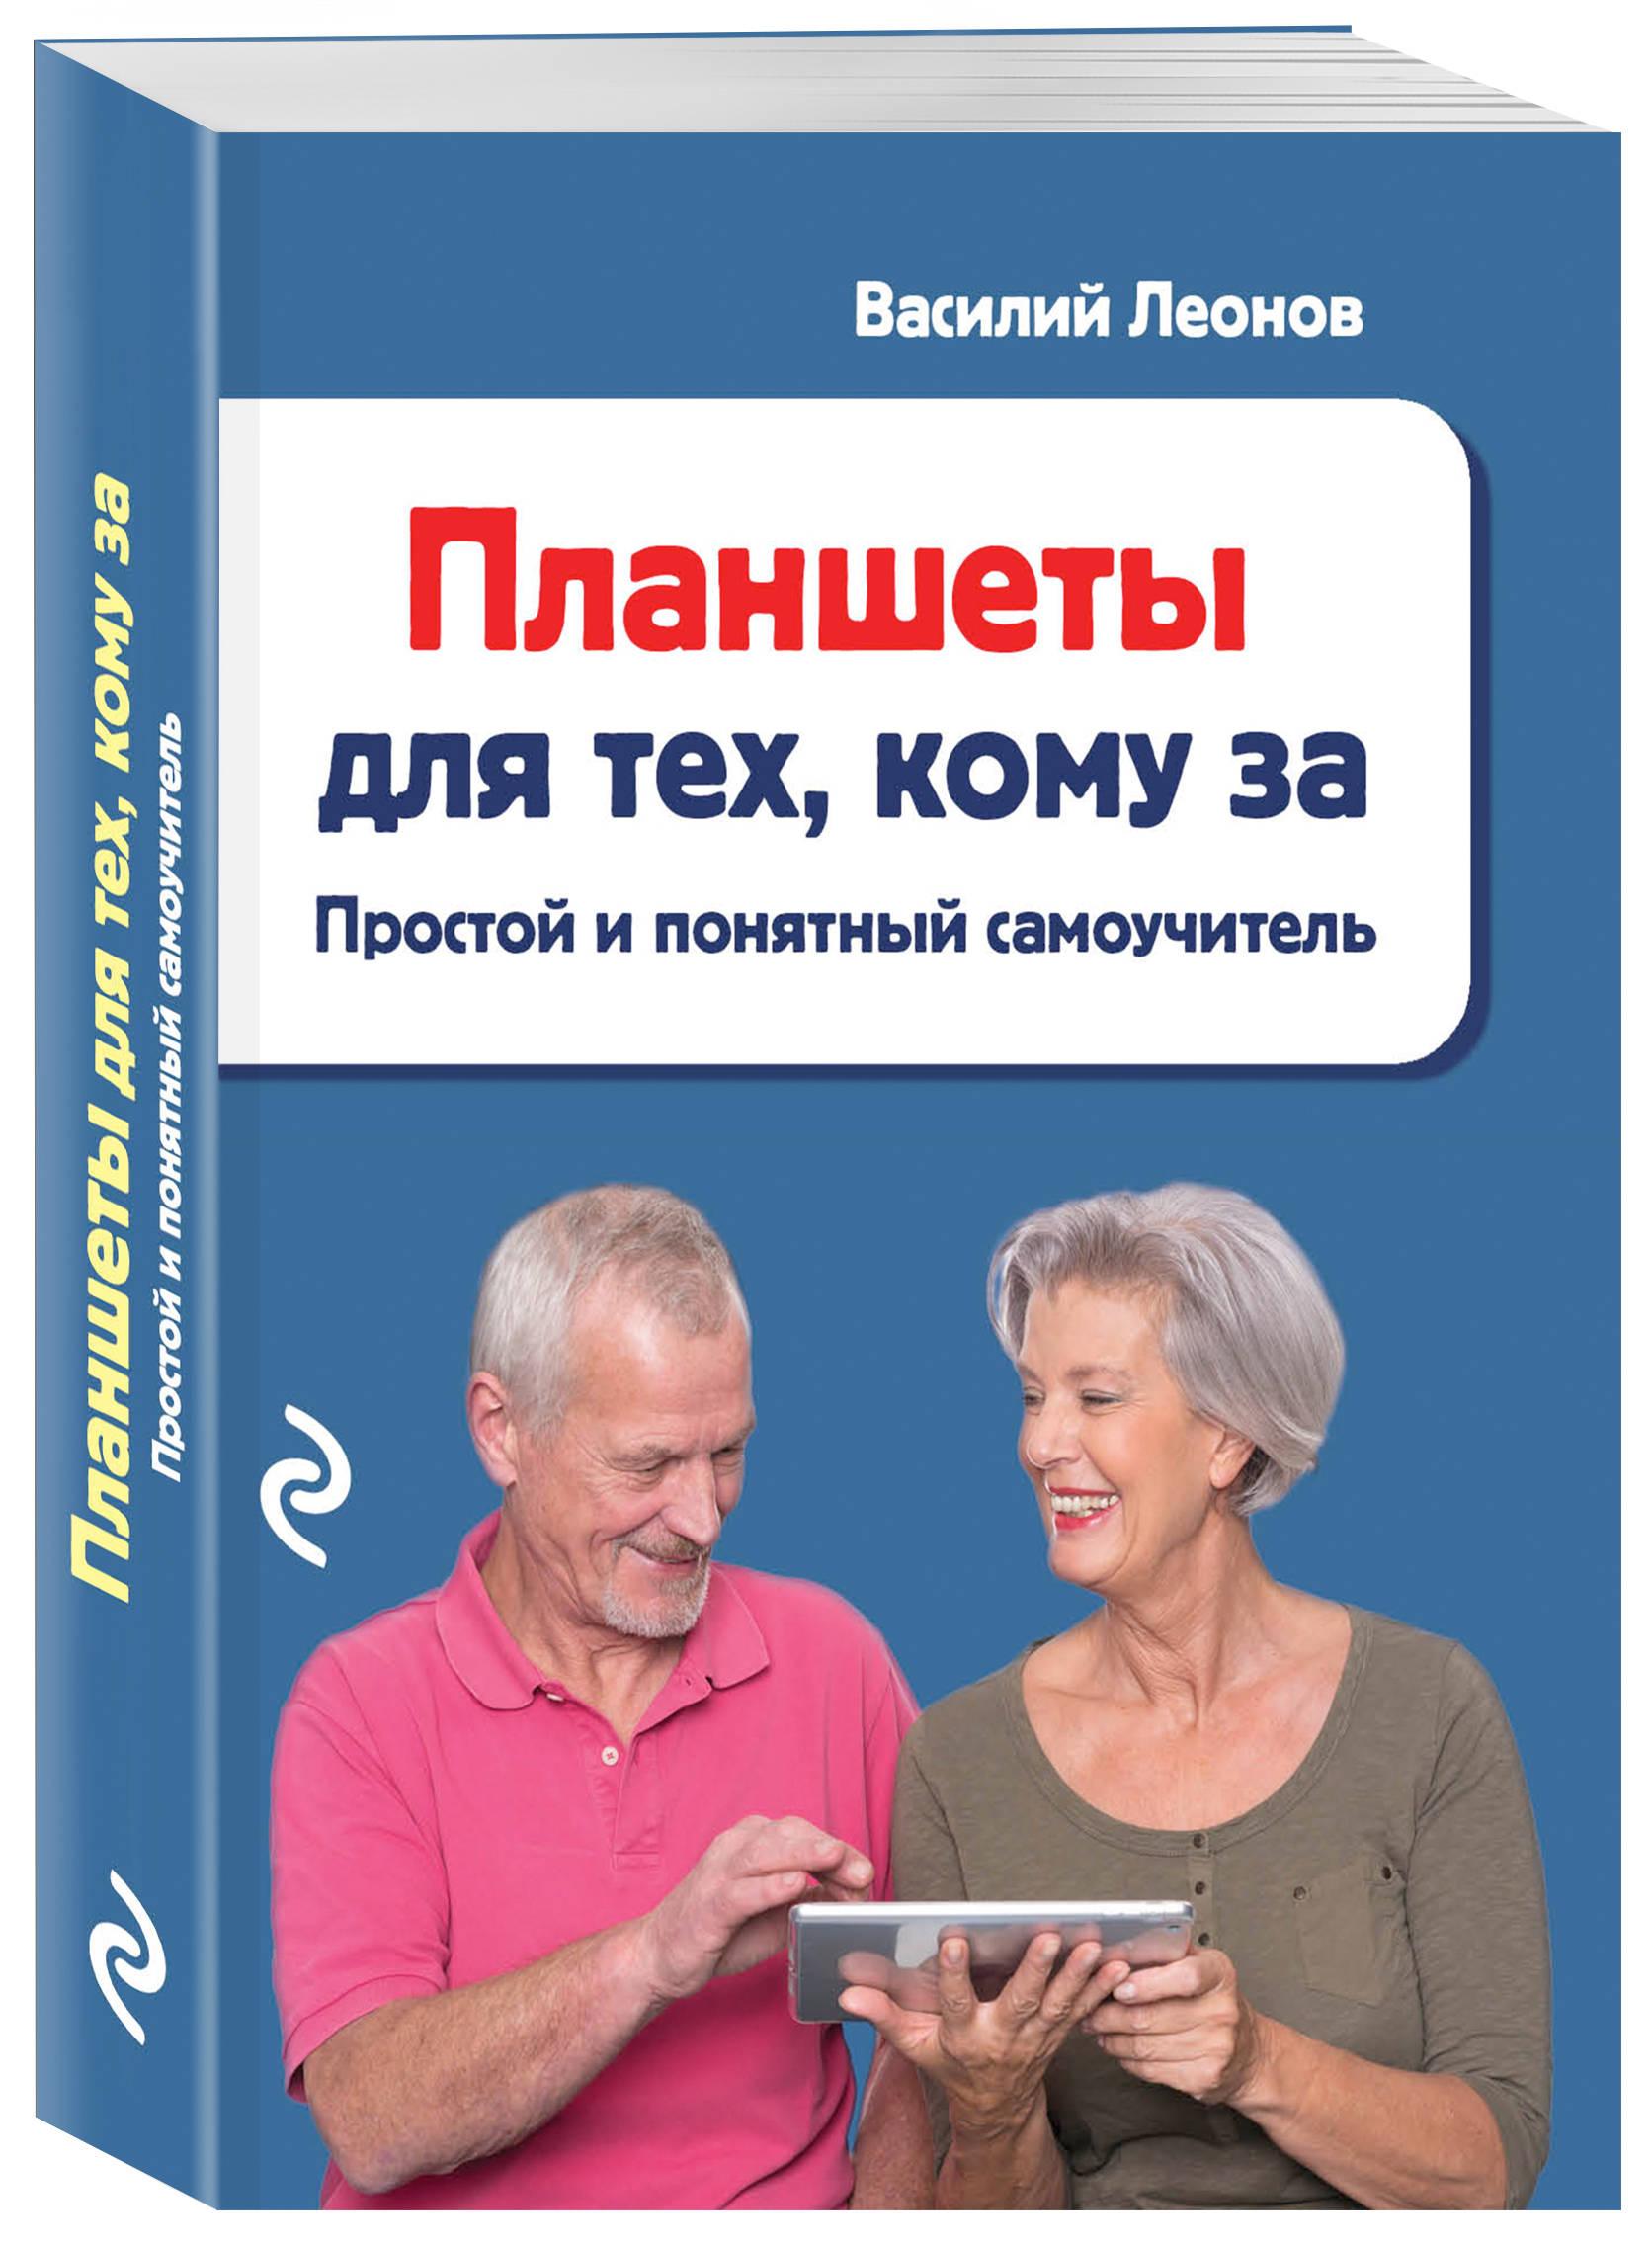 Планшеты для тех, кому за. Простой и понятный самоучитель ( Леонов В.  )